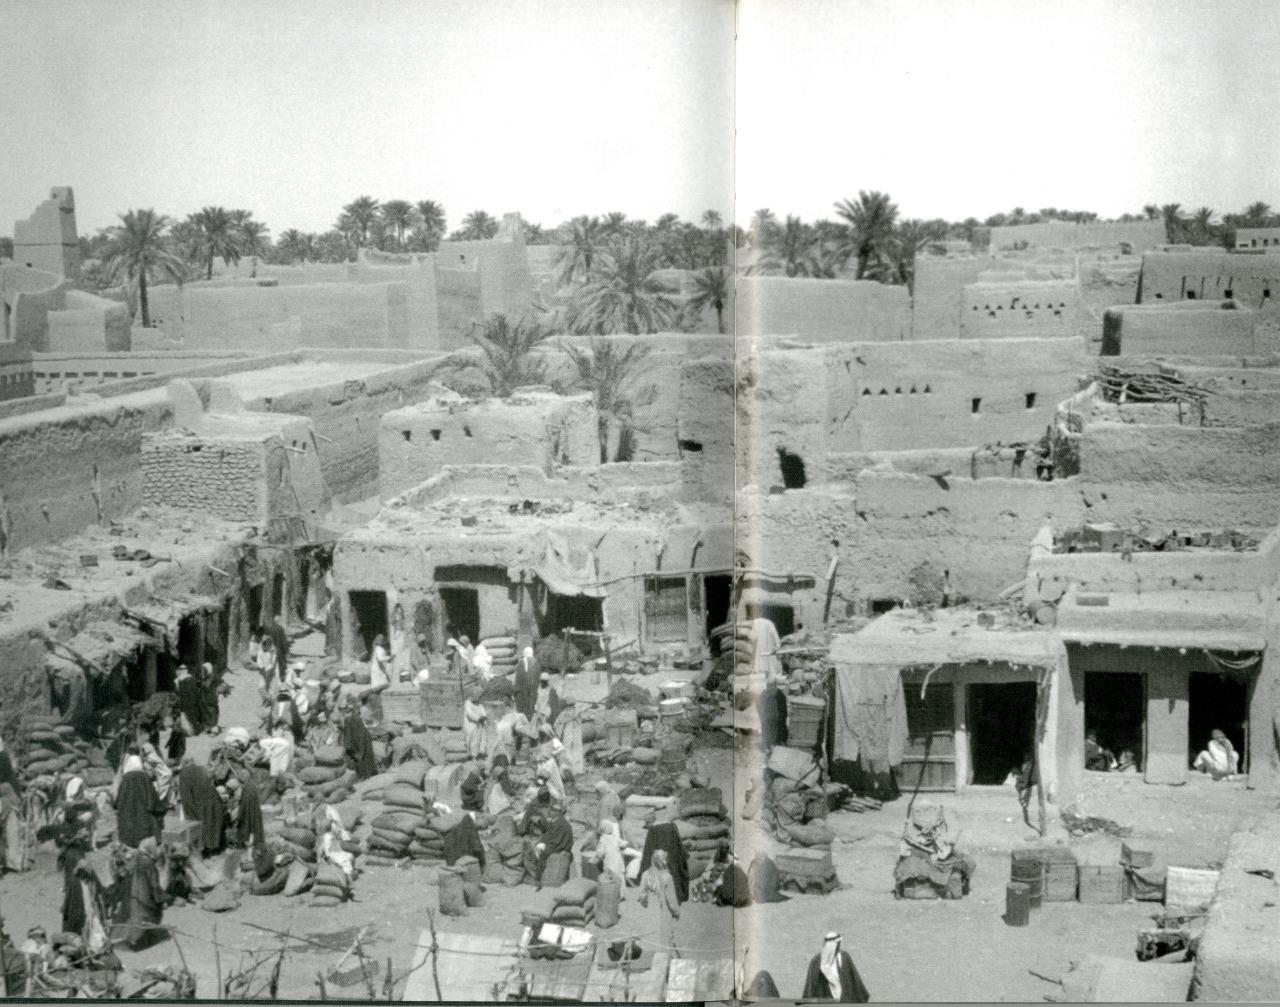 صورة مميزة لسوق الرياض قديما